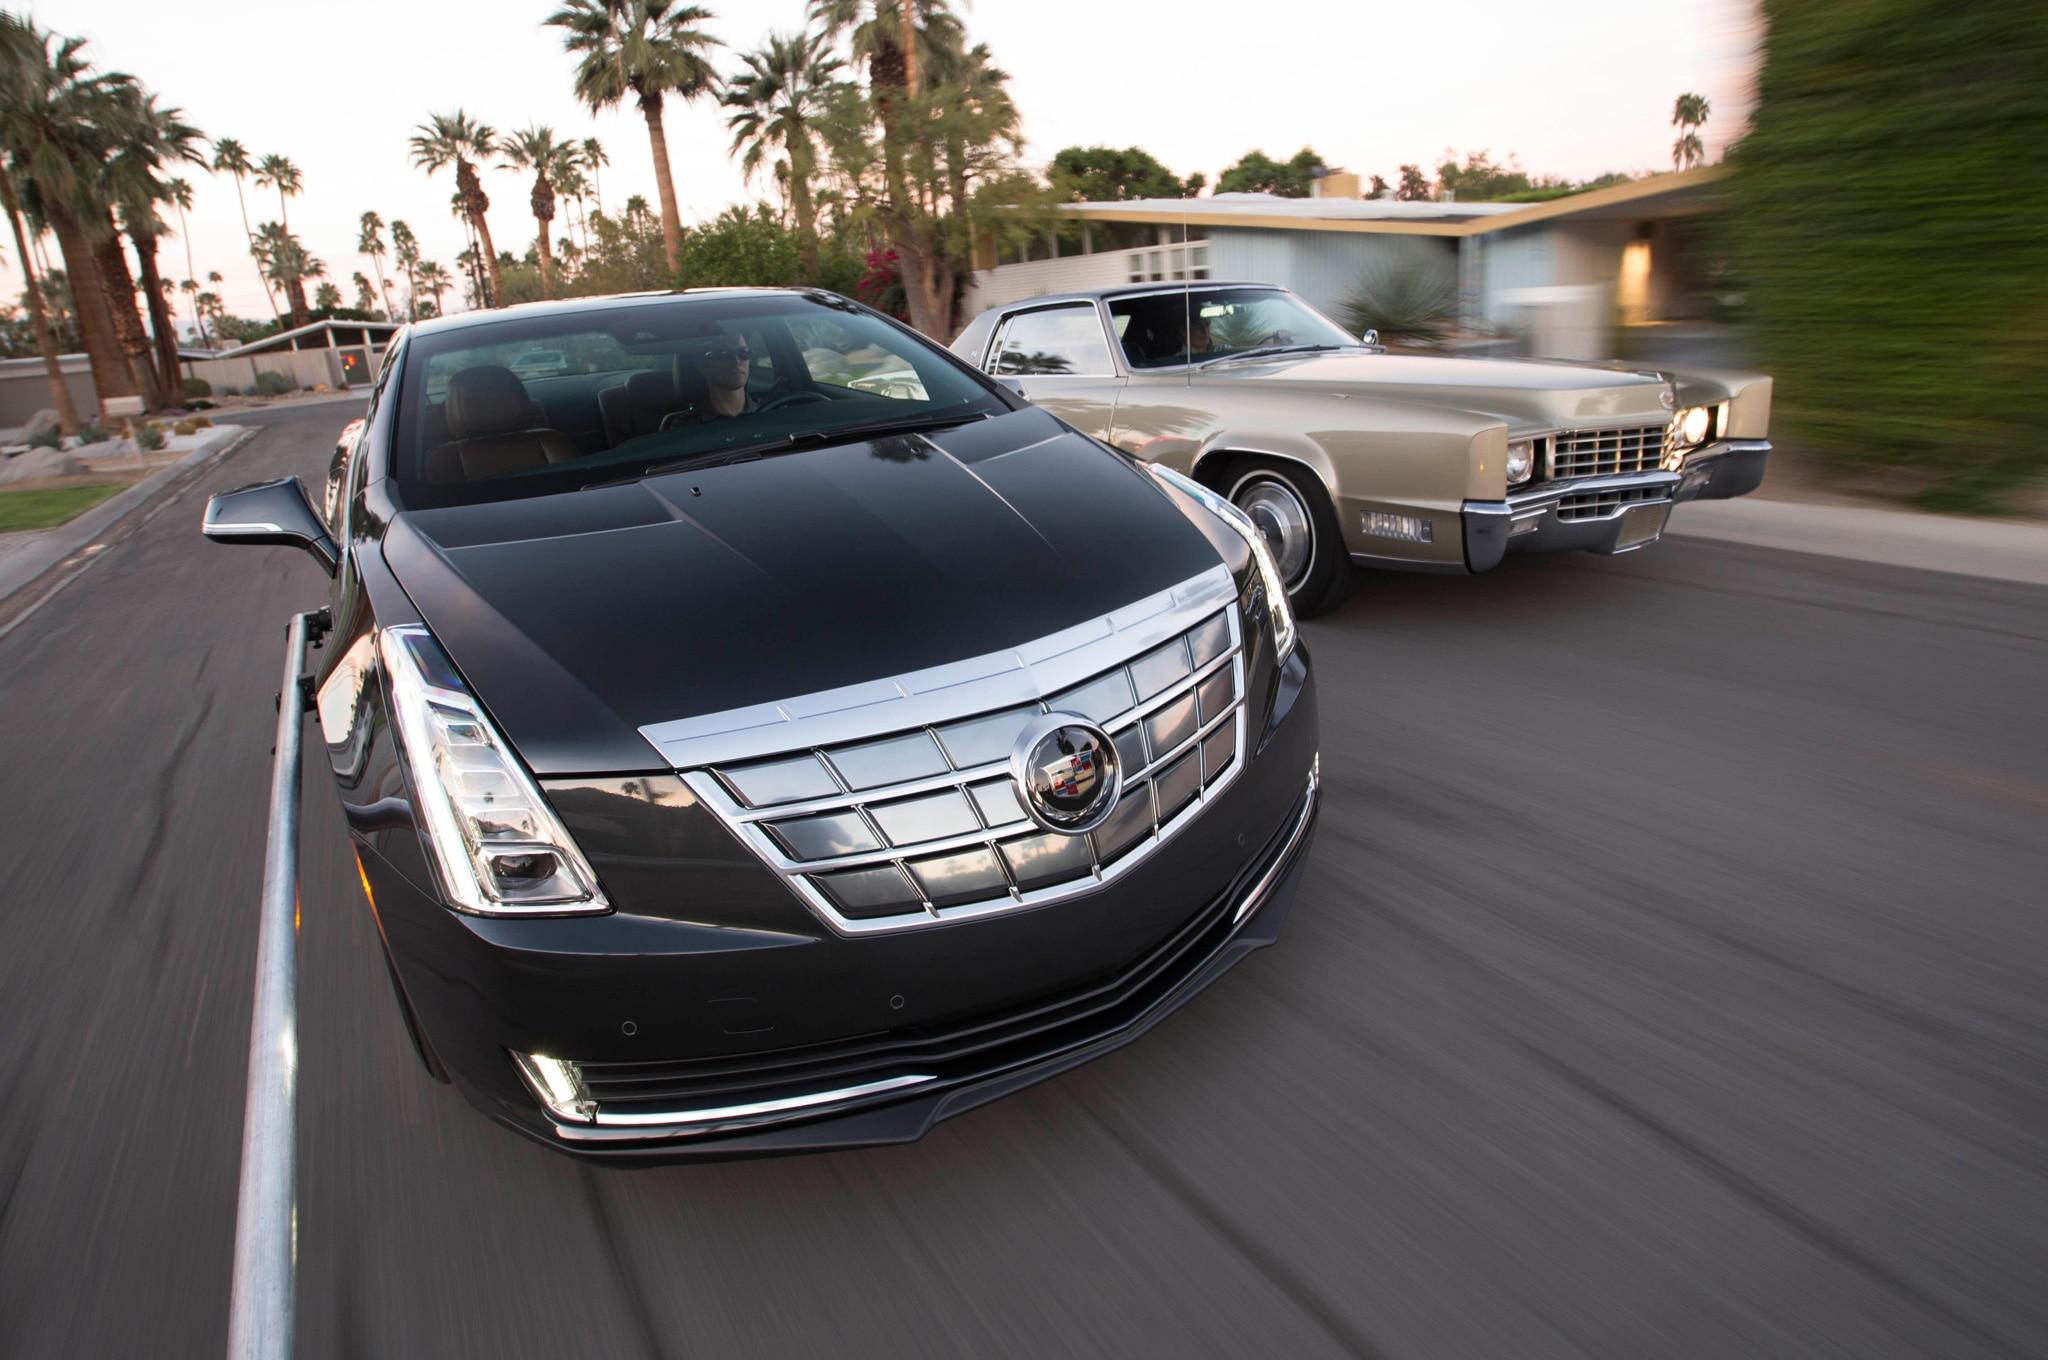 Then vs. Now: 1967 Cadillac Eldorado Vs. 2014 Cadillac ELR